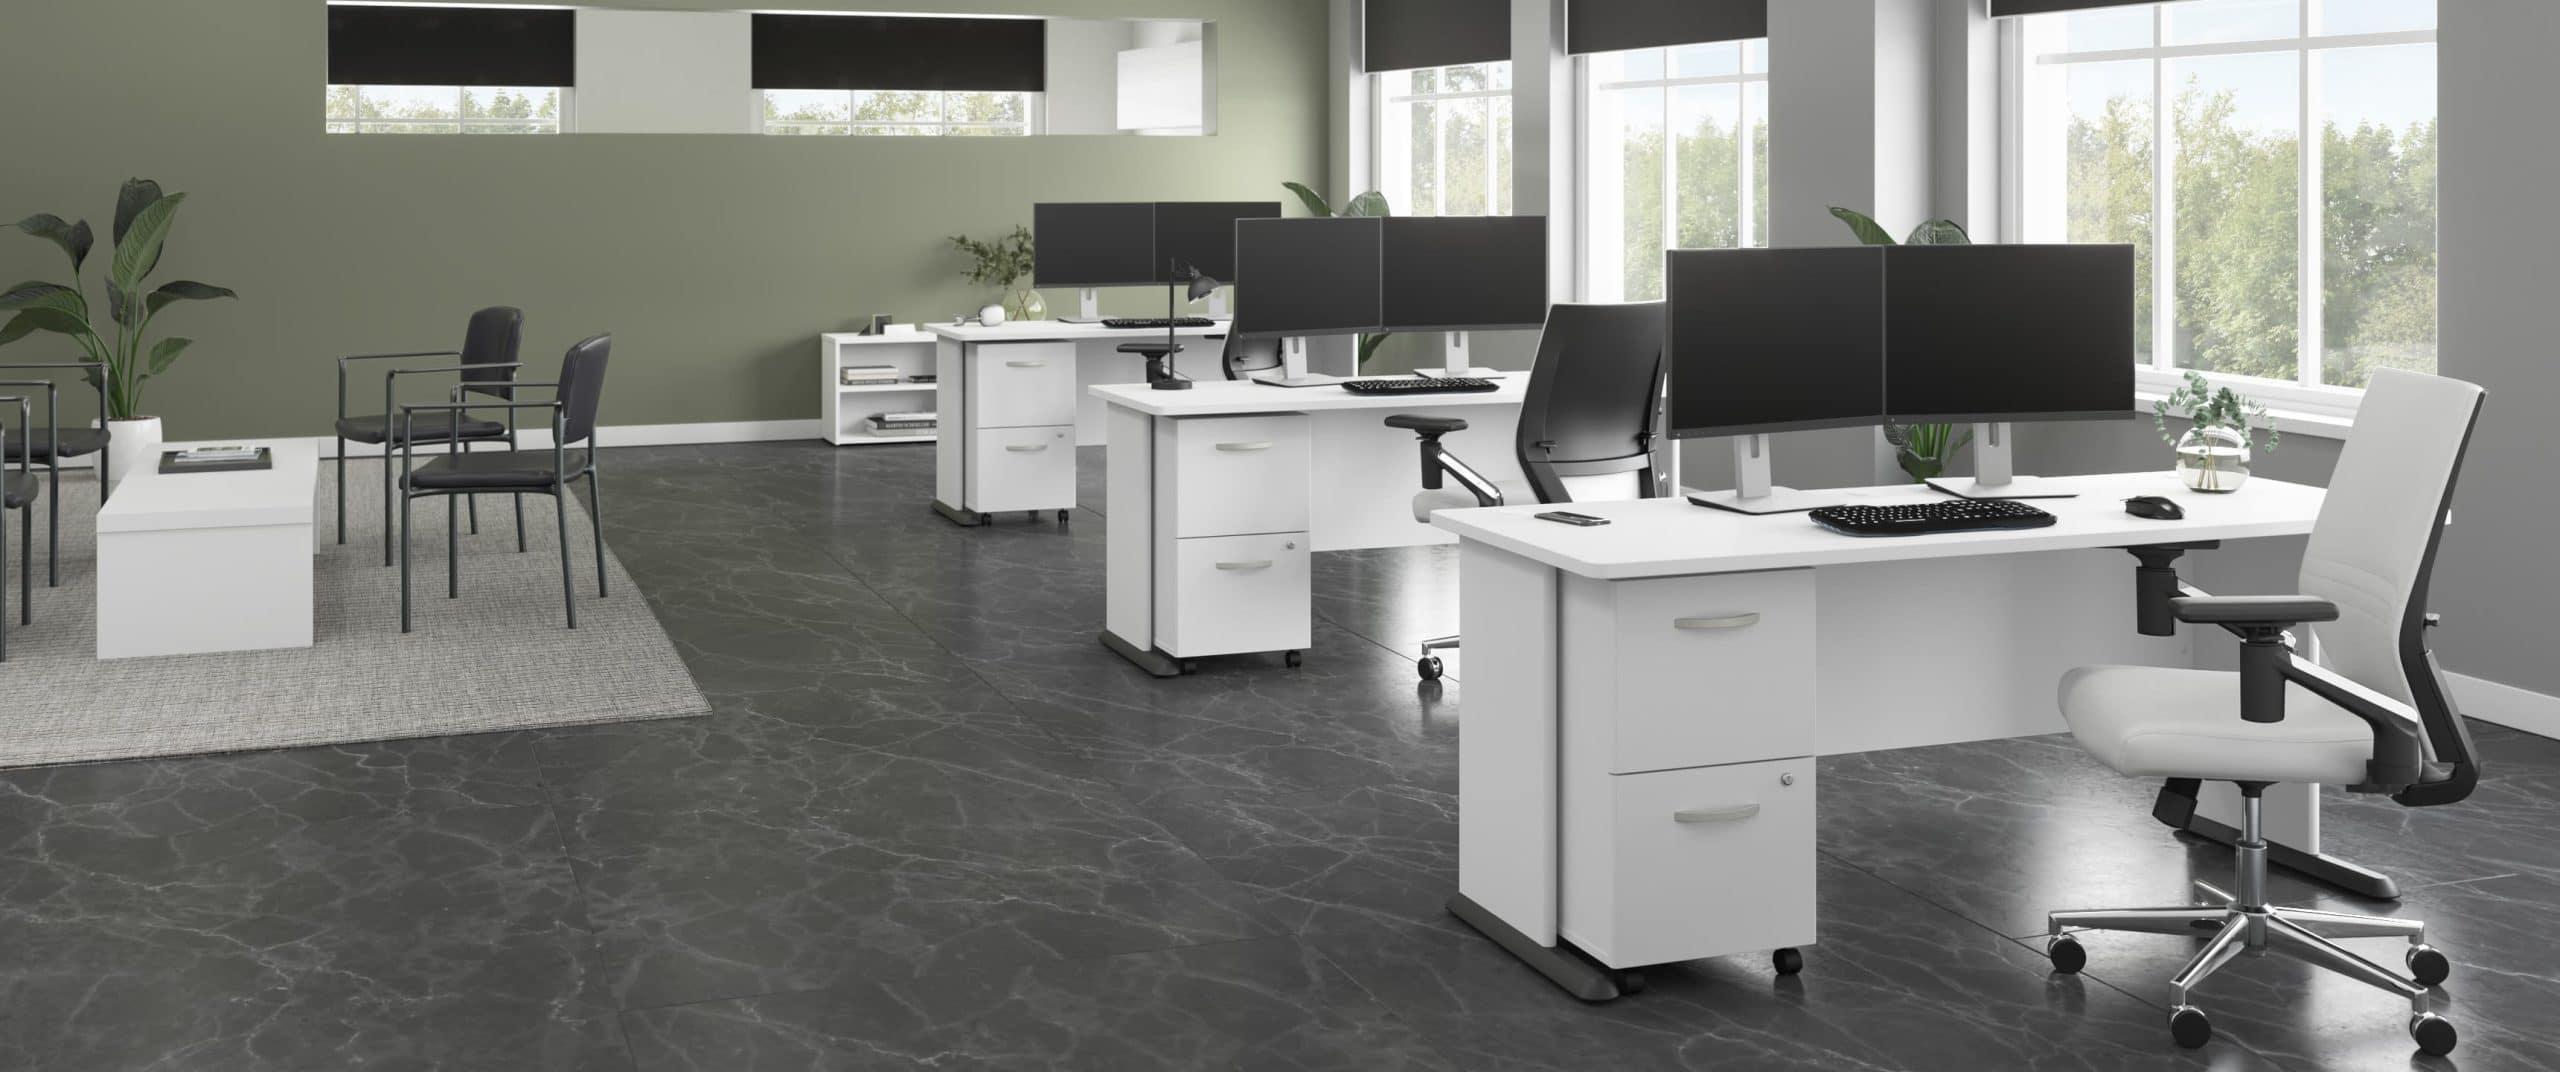 Office Furniture - Studio A - Desktop